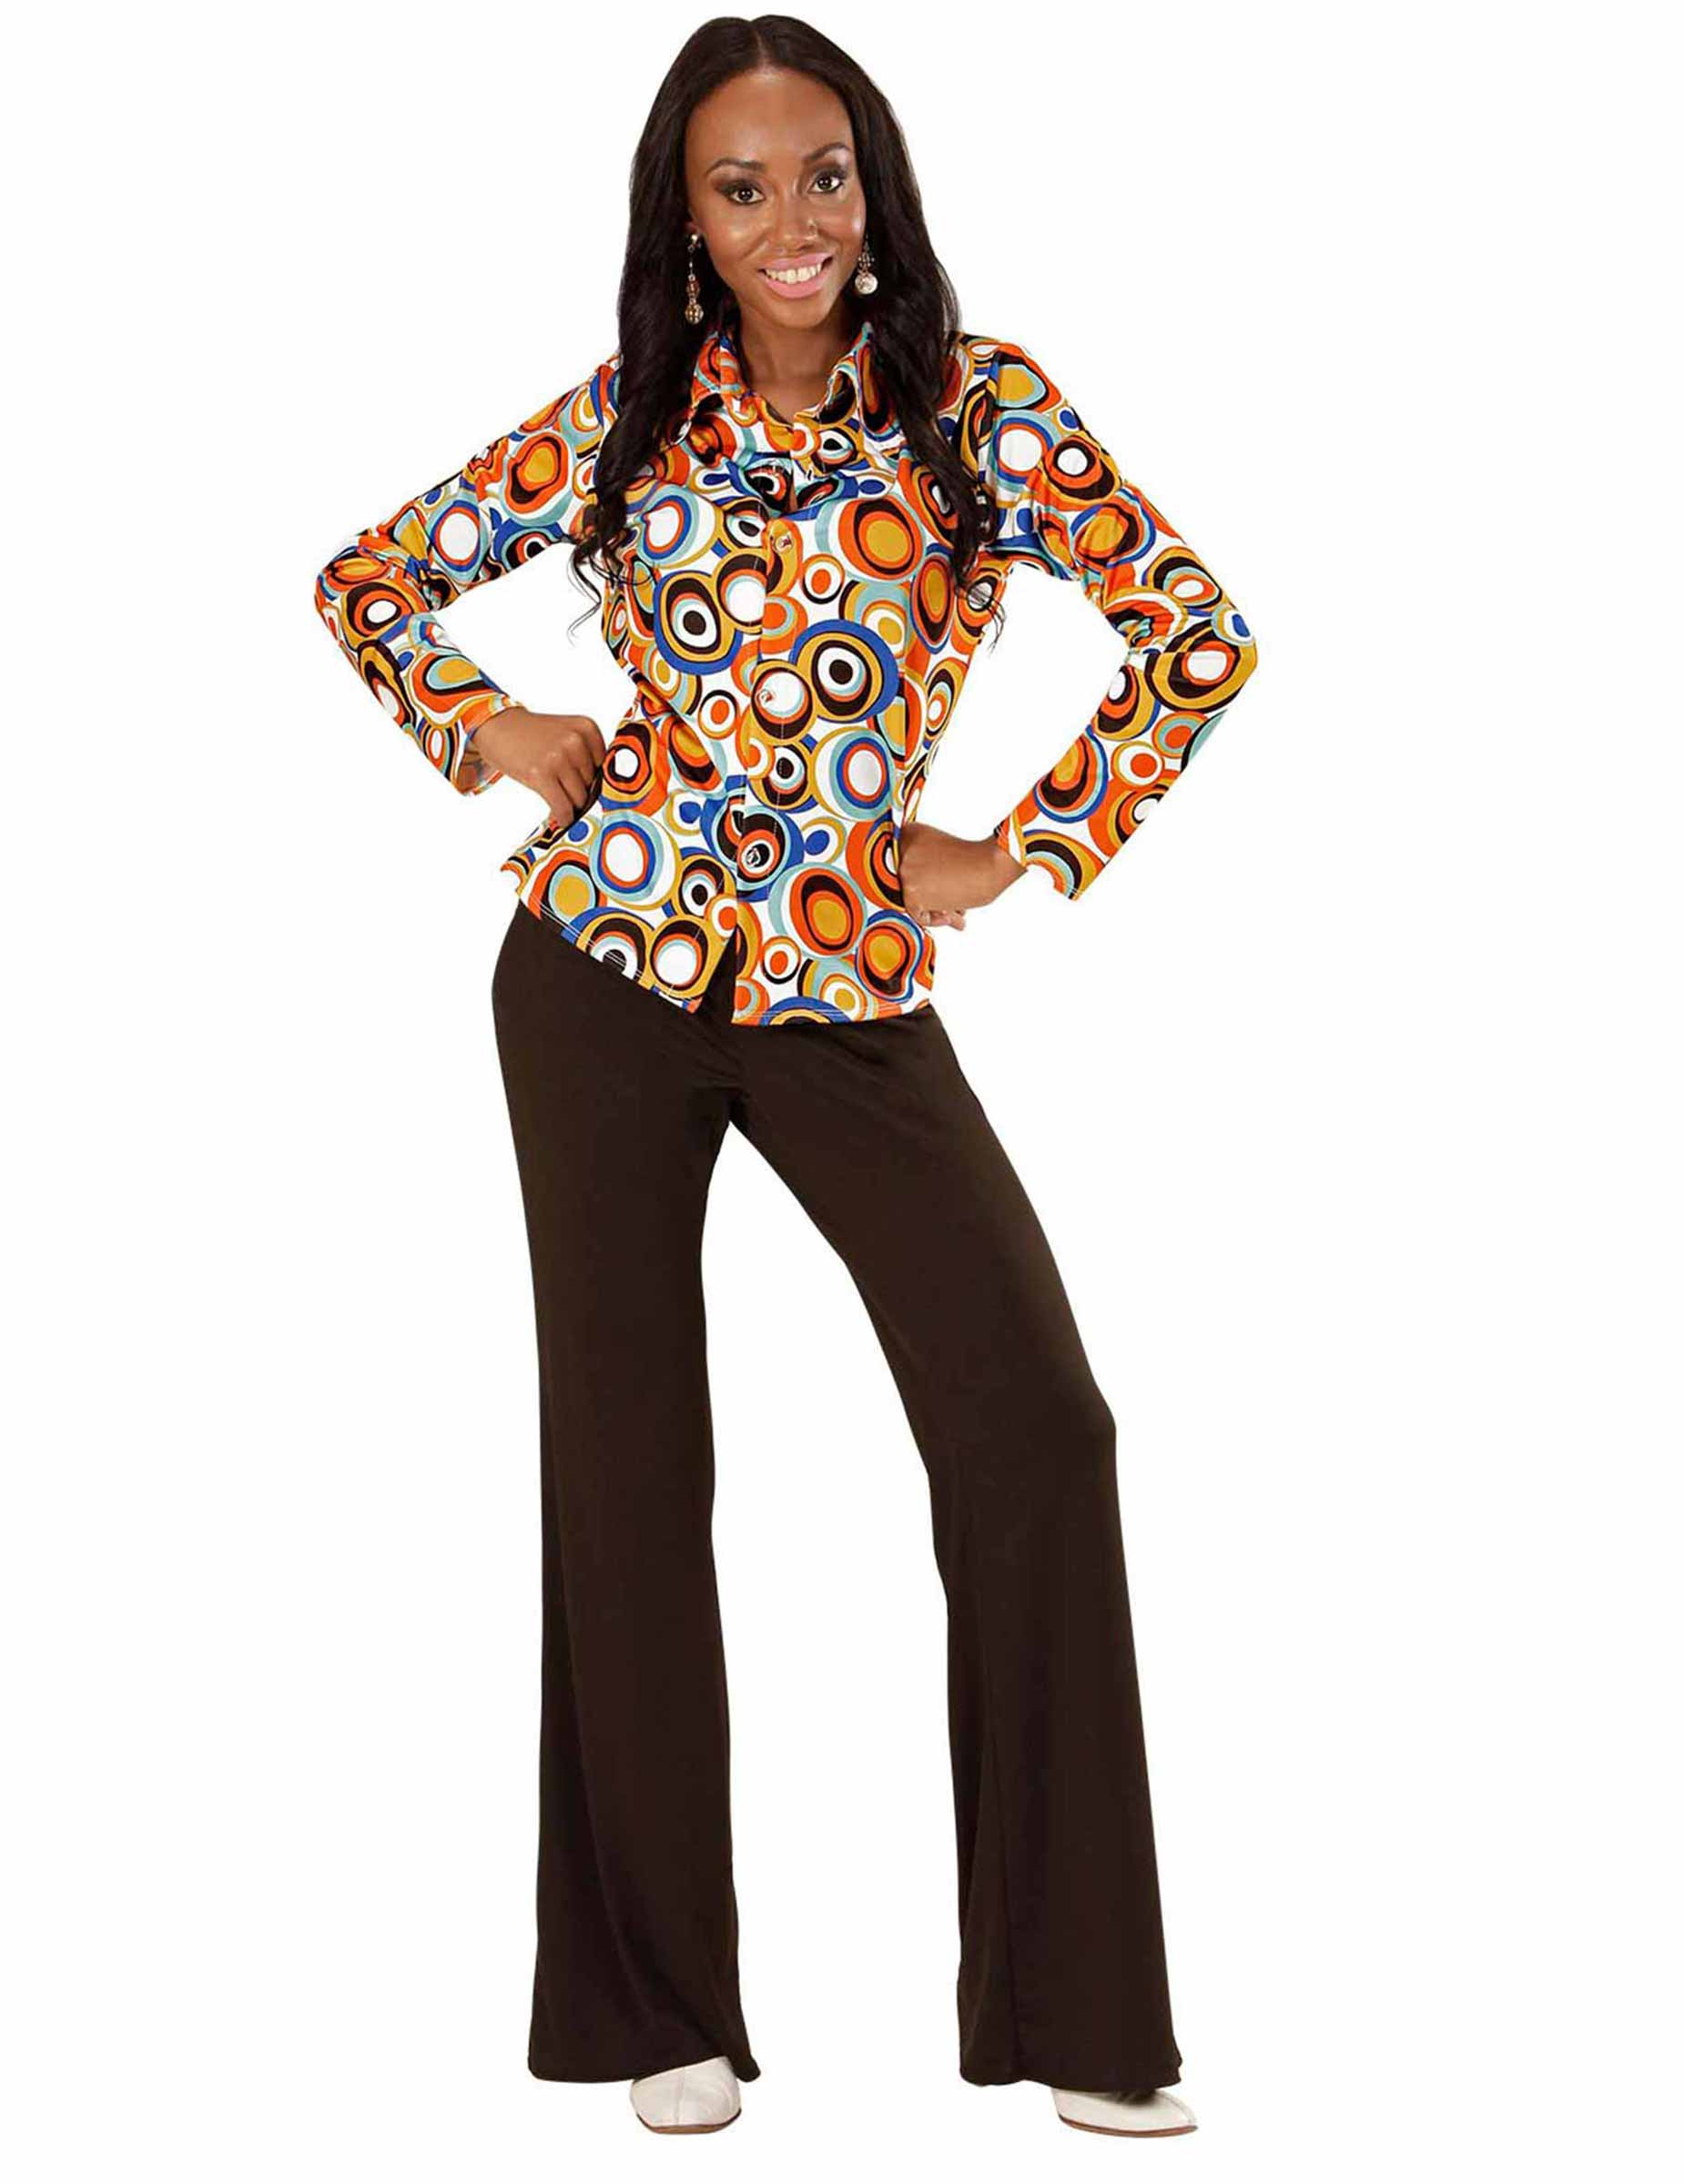 camicia disco retro anni 70 per donna costumi adulti e vestiti di carnevale online vegaoo. Black Bedroom Furniture Sets. Home Design Ideas